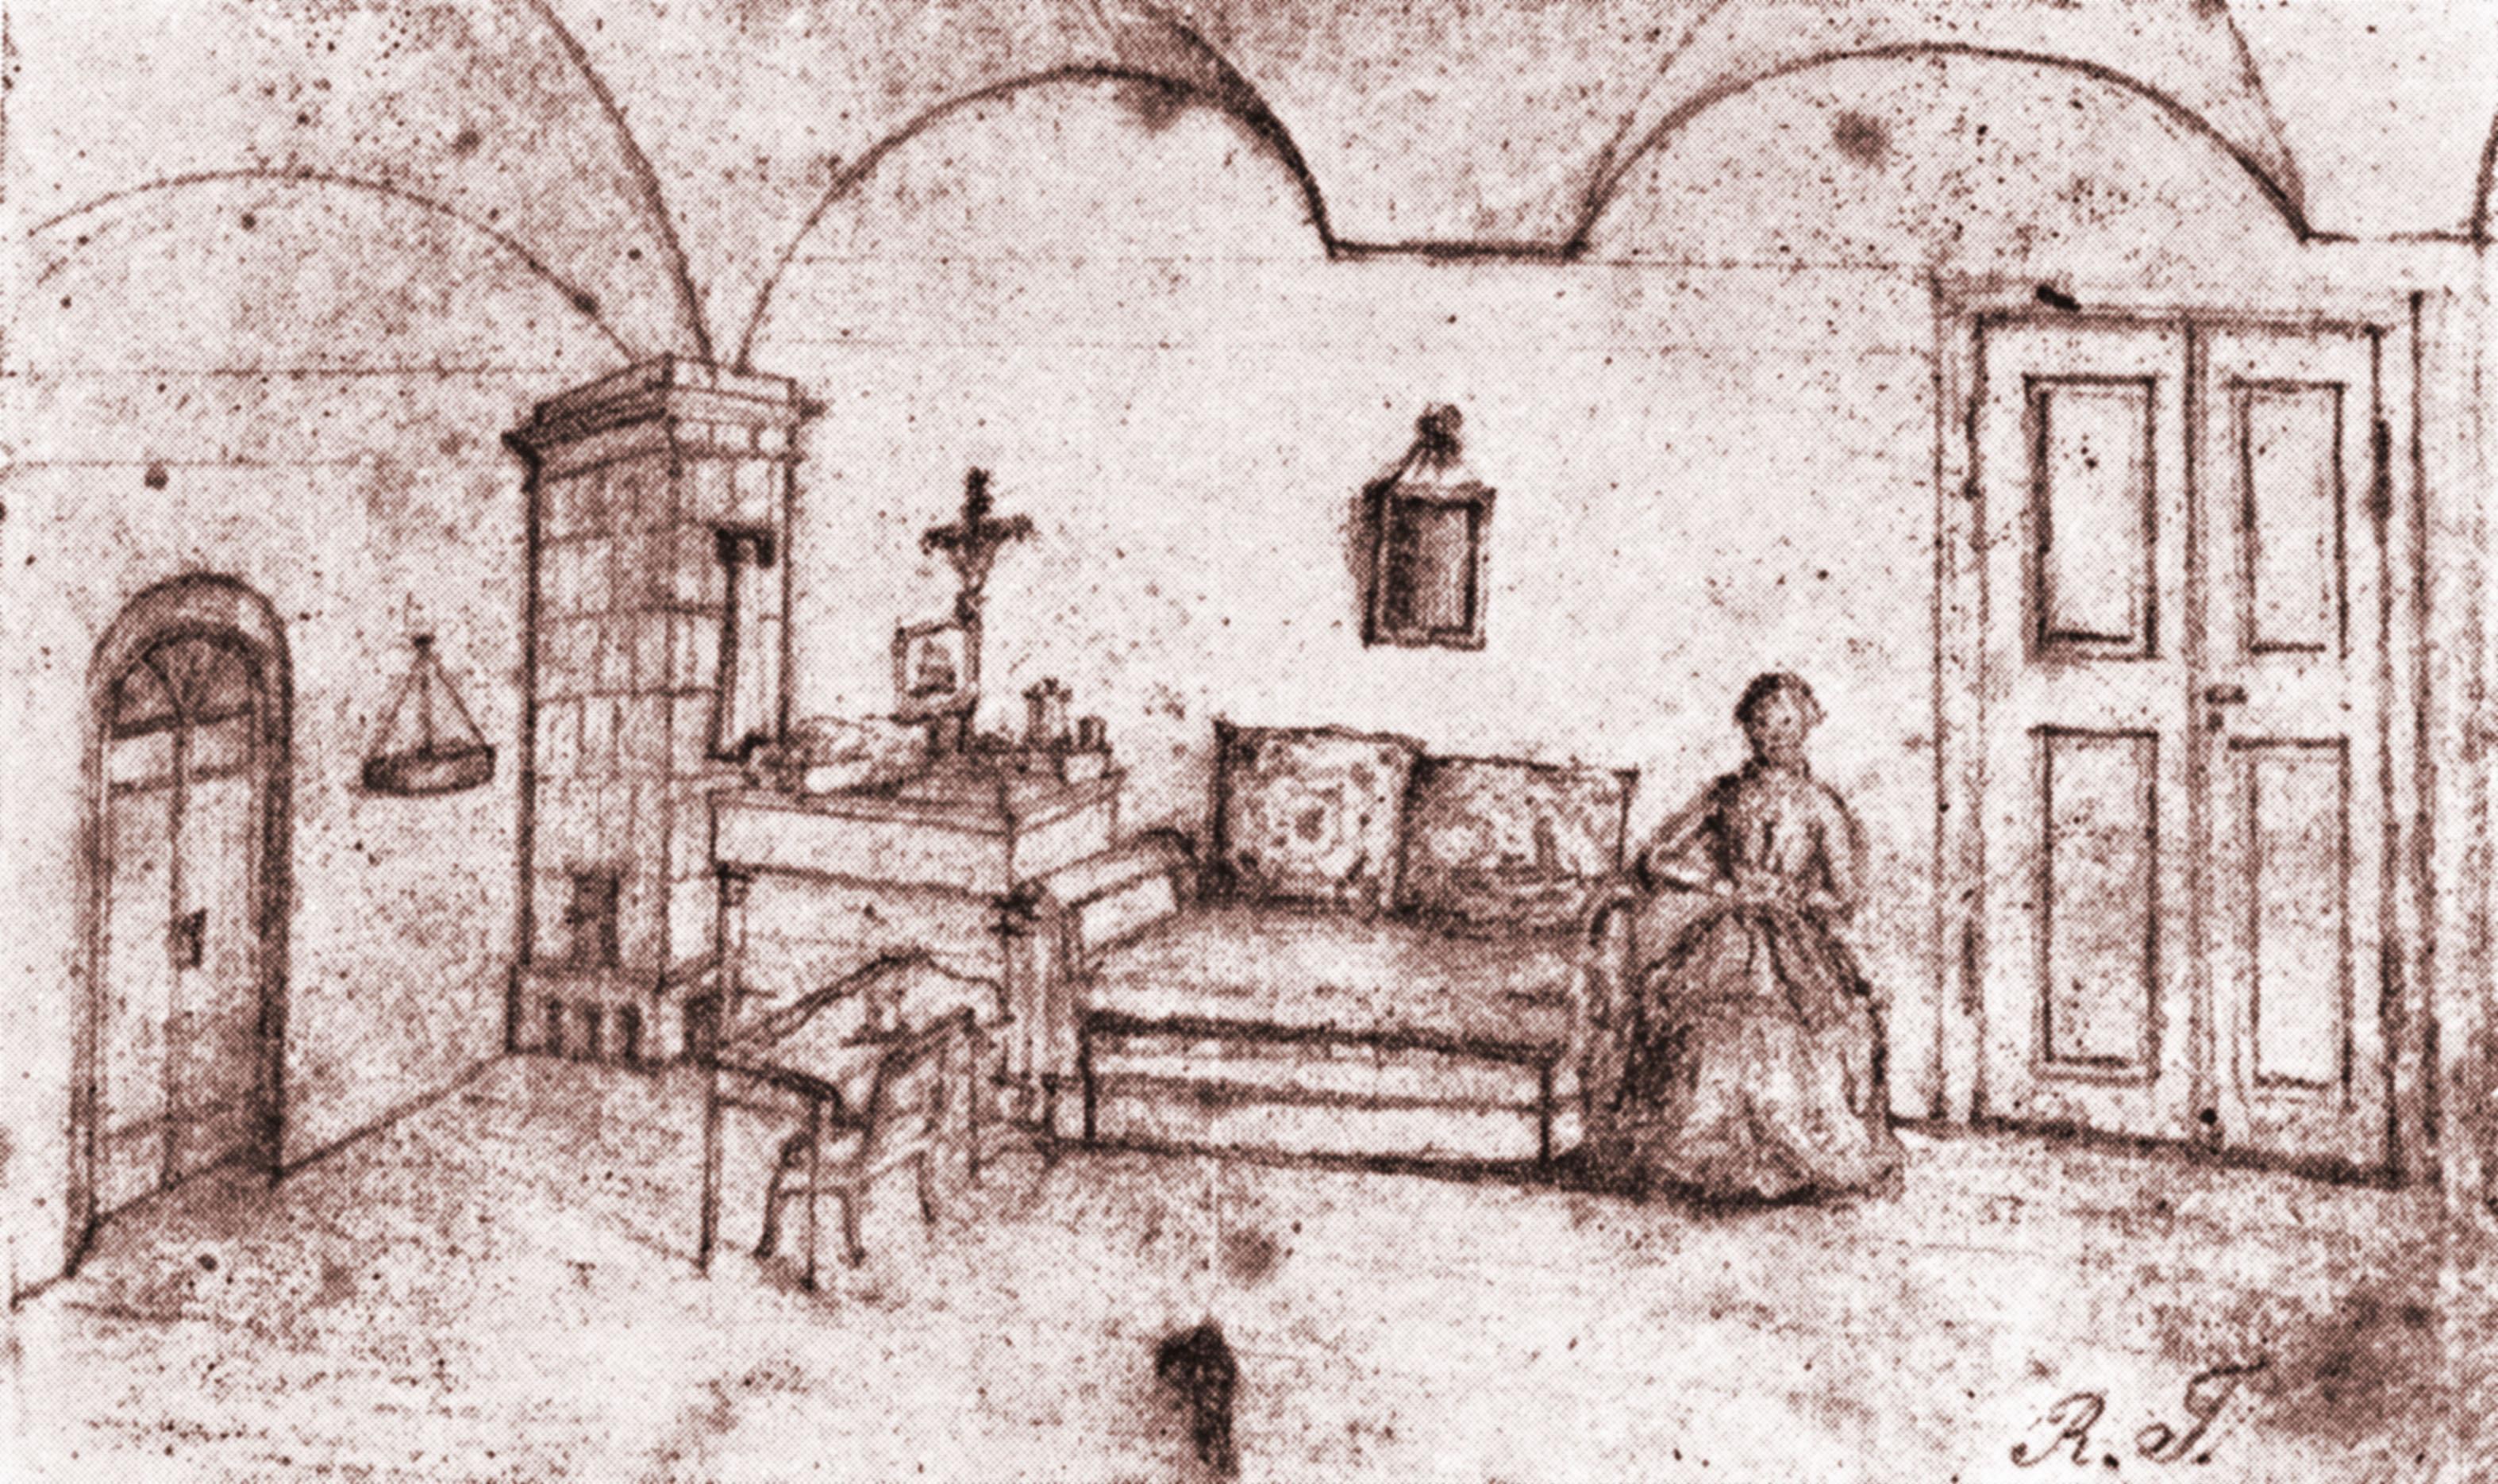 Wnętrze mieszkania Trauguttów w twierdzy dęblińskiej(zwanej iwanogrodzką) - rysunek Romualda Traugutta